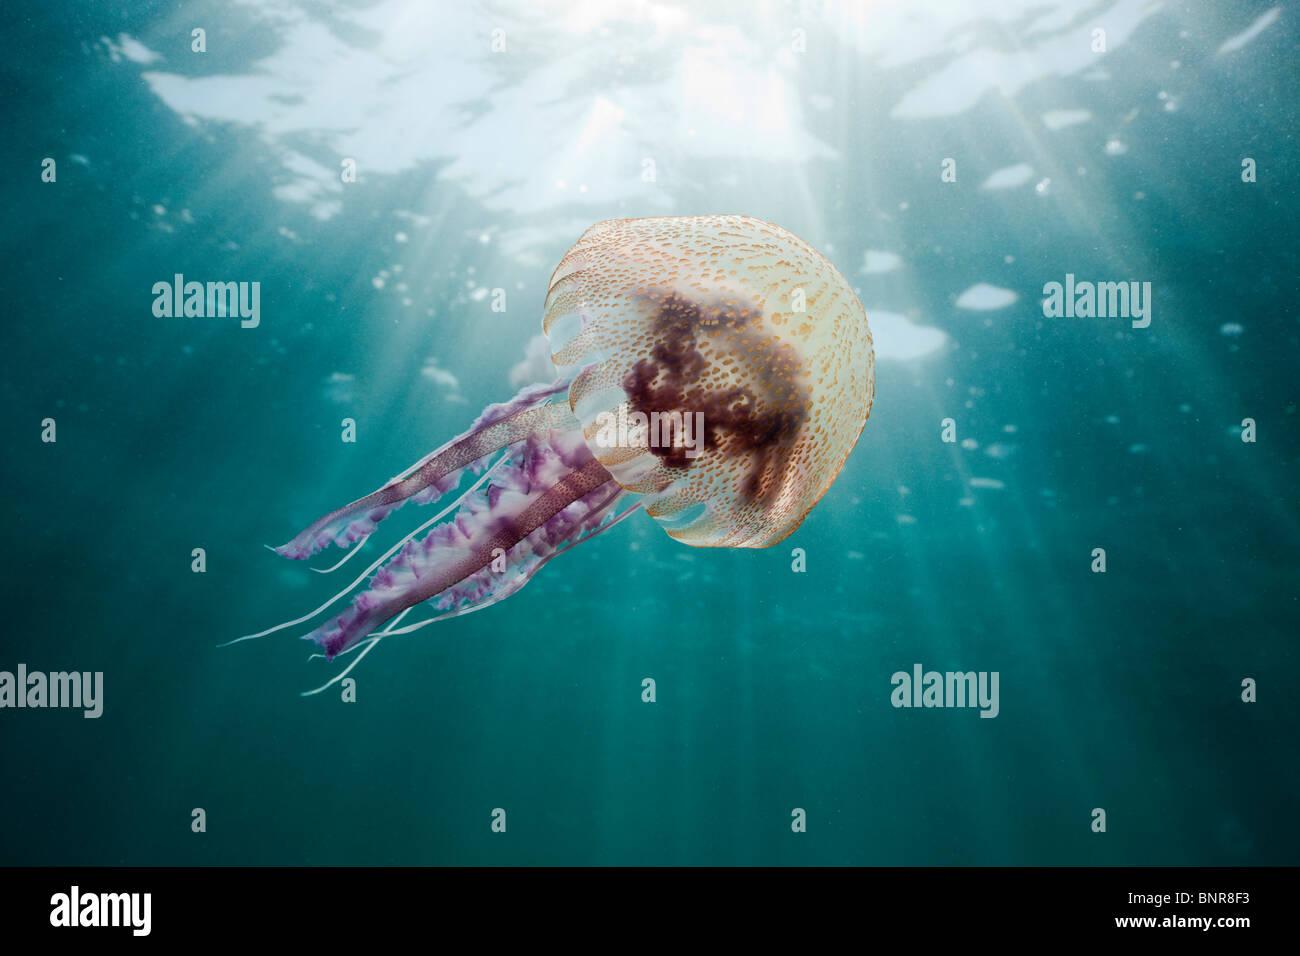 Mauve Stinger Jellyfish, Pelagia noctiluca, Cap de Creus, Costa Brava, Spain - Stock Image